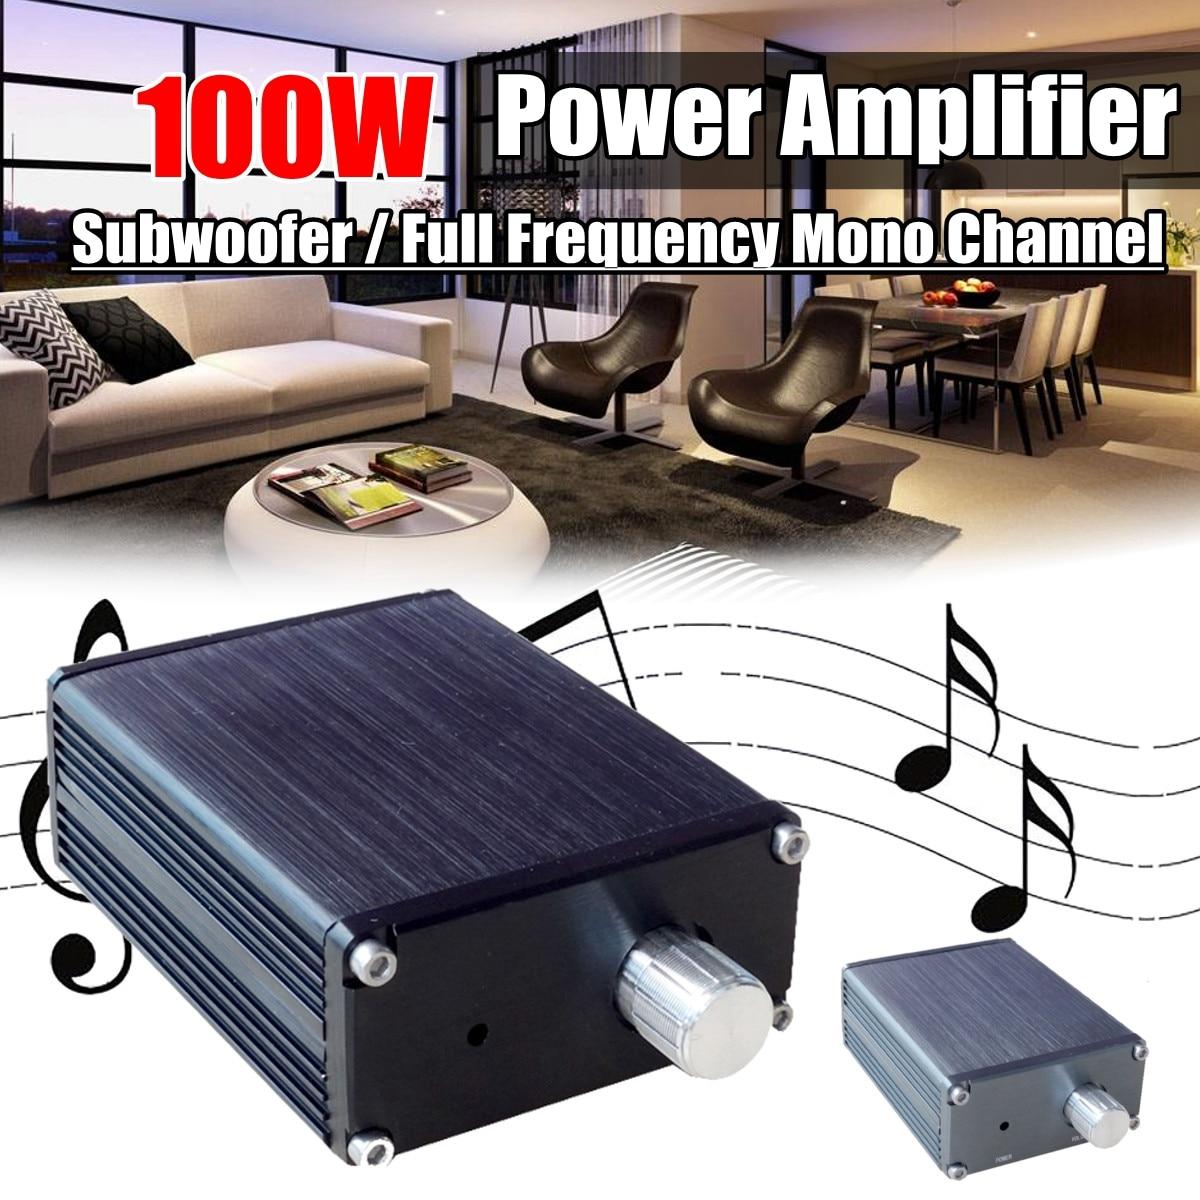 2X100W Douk Audio Subwoofer / Full Frequency Mono Channel Mini Power Amplifier in akustik exzellenz mono subwoofer 3 0m 00604203